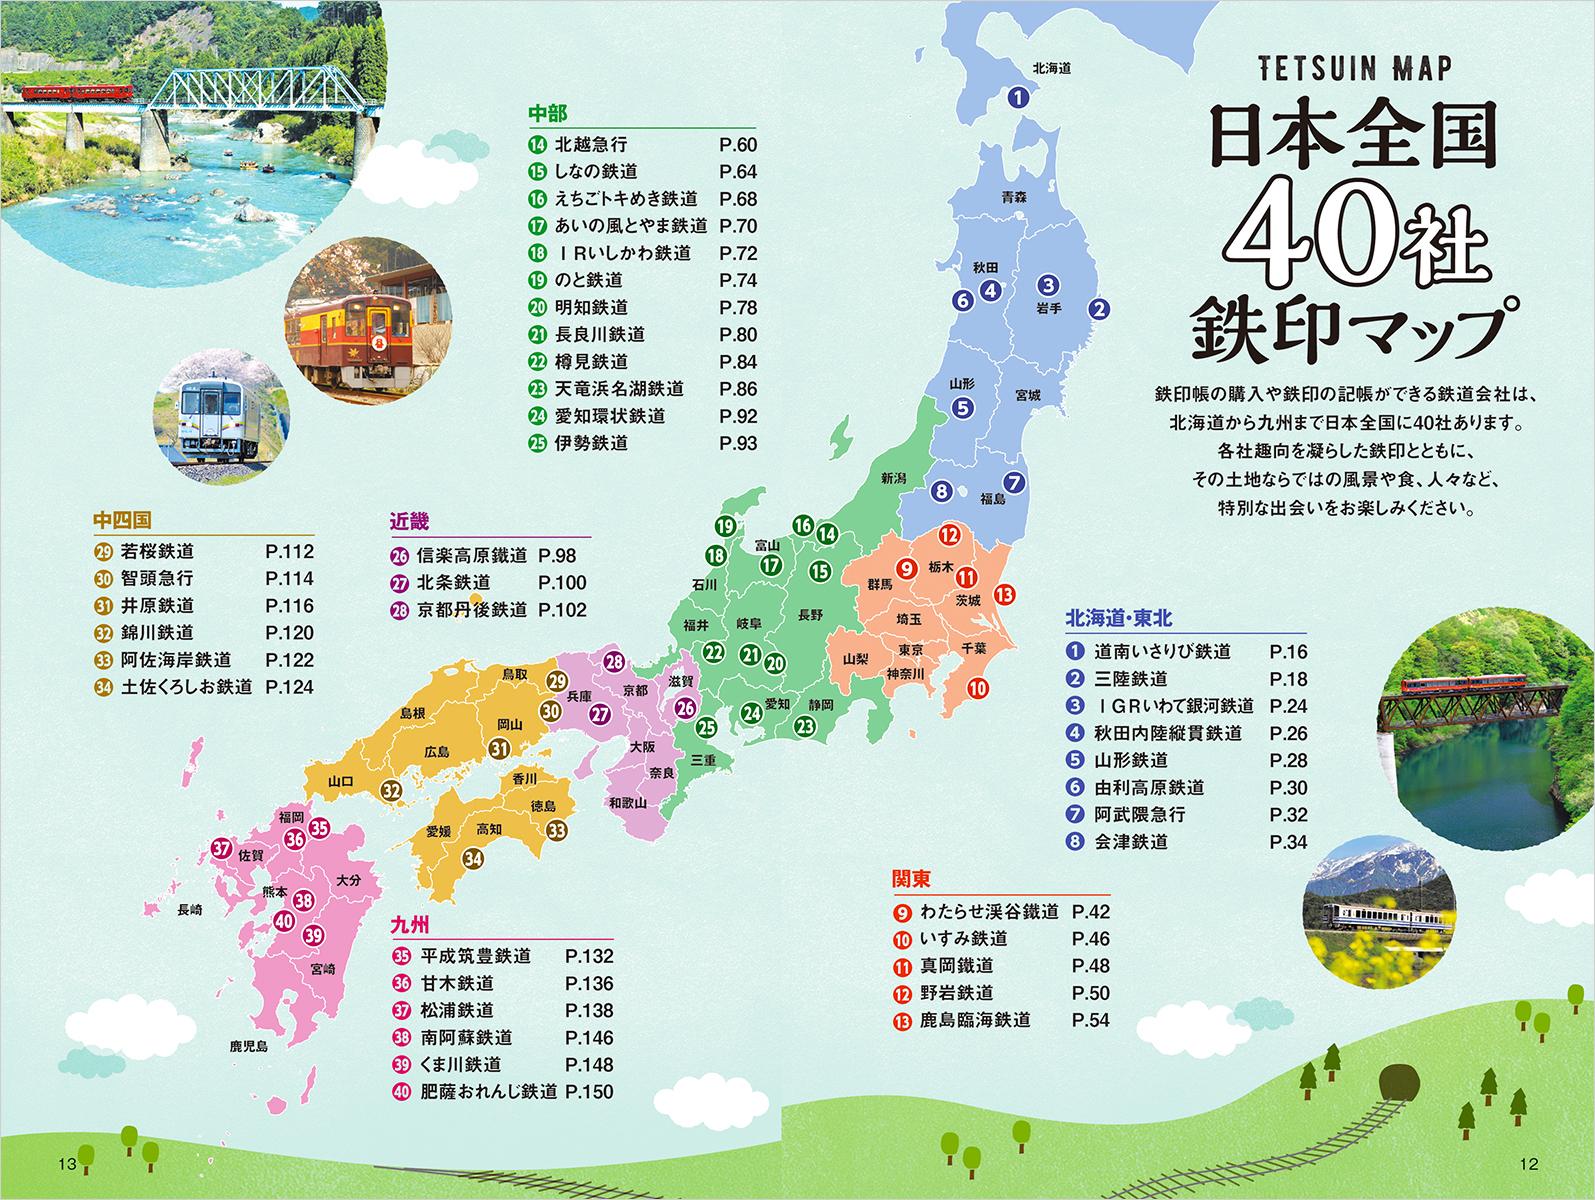 日本全国40社鉄印マップ